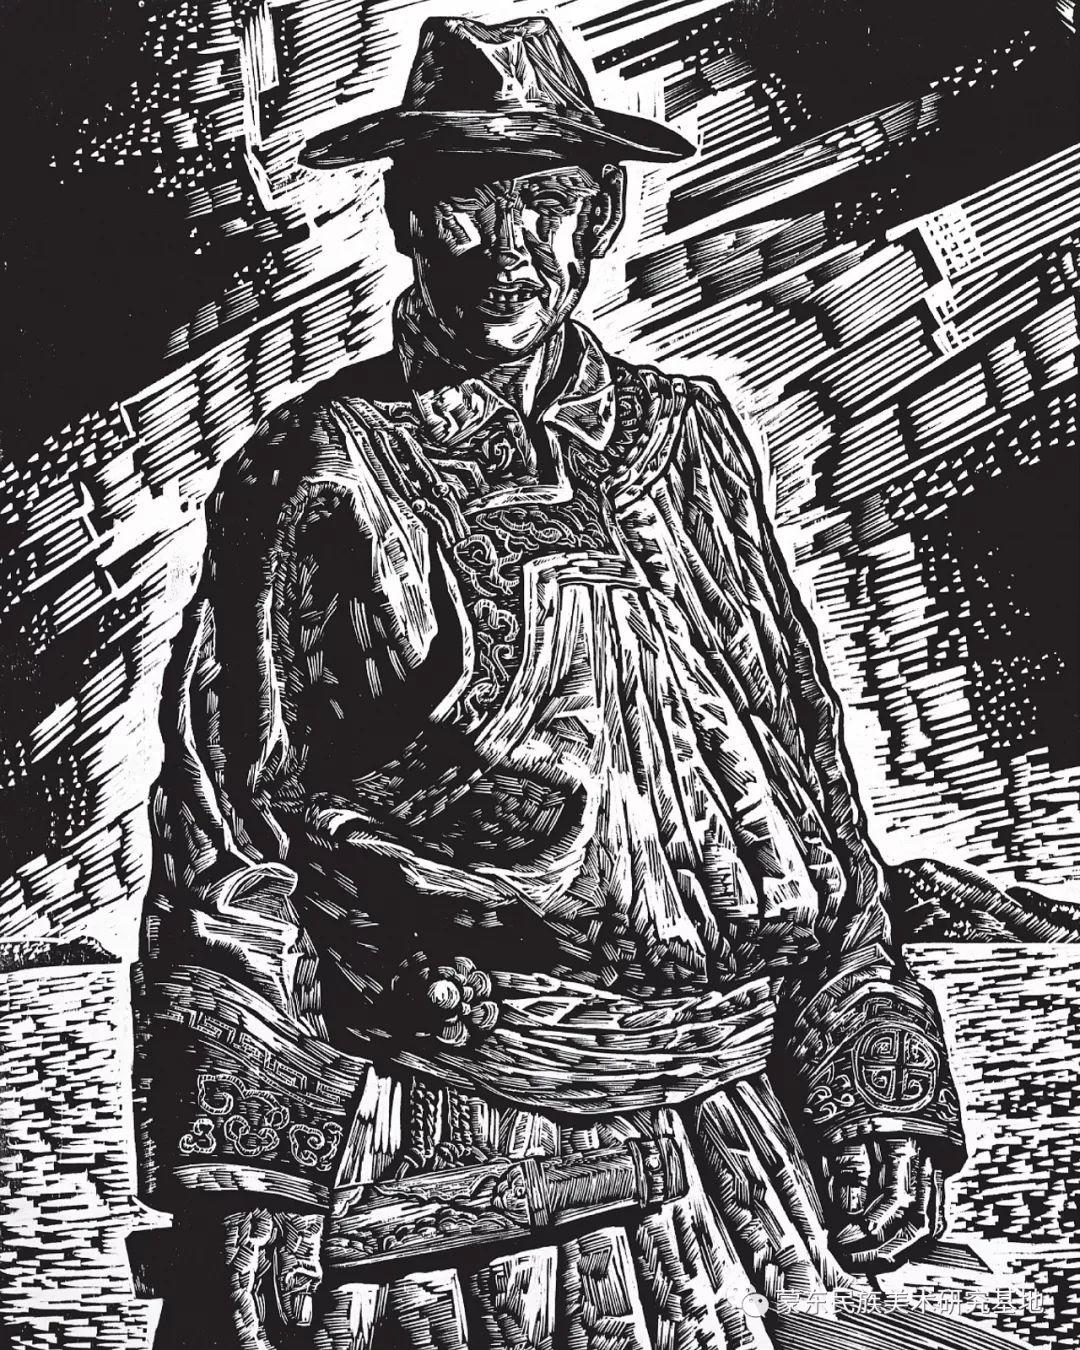 秦晓伟版画作品——中国少数民族美术促进会,蒙东民族美术研究基地画家系列 第9张 秦晓伟版画作品——中国少数民族美术促进会,蒙东民族美术研究基地画家系列 蒙古画廊